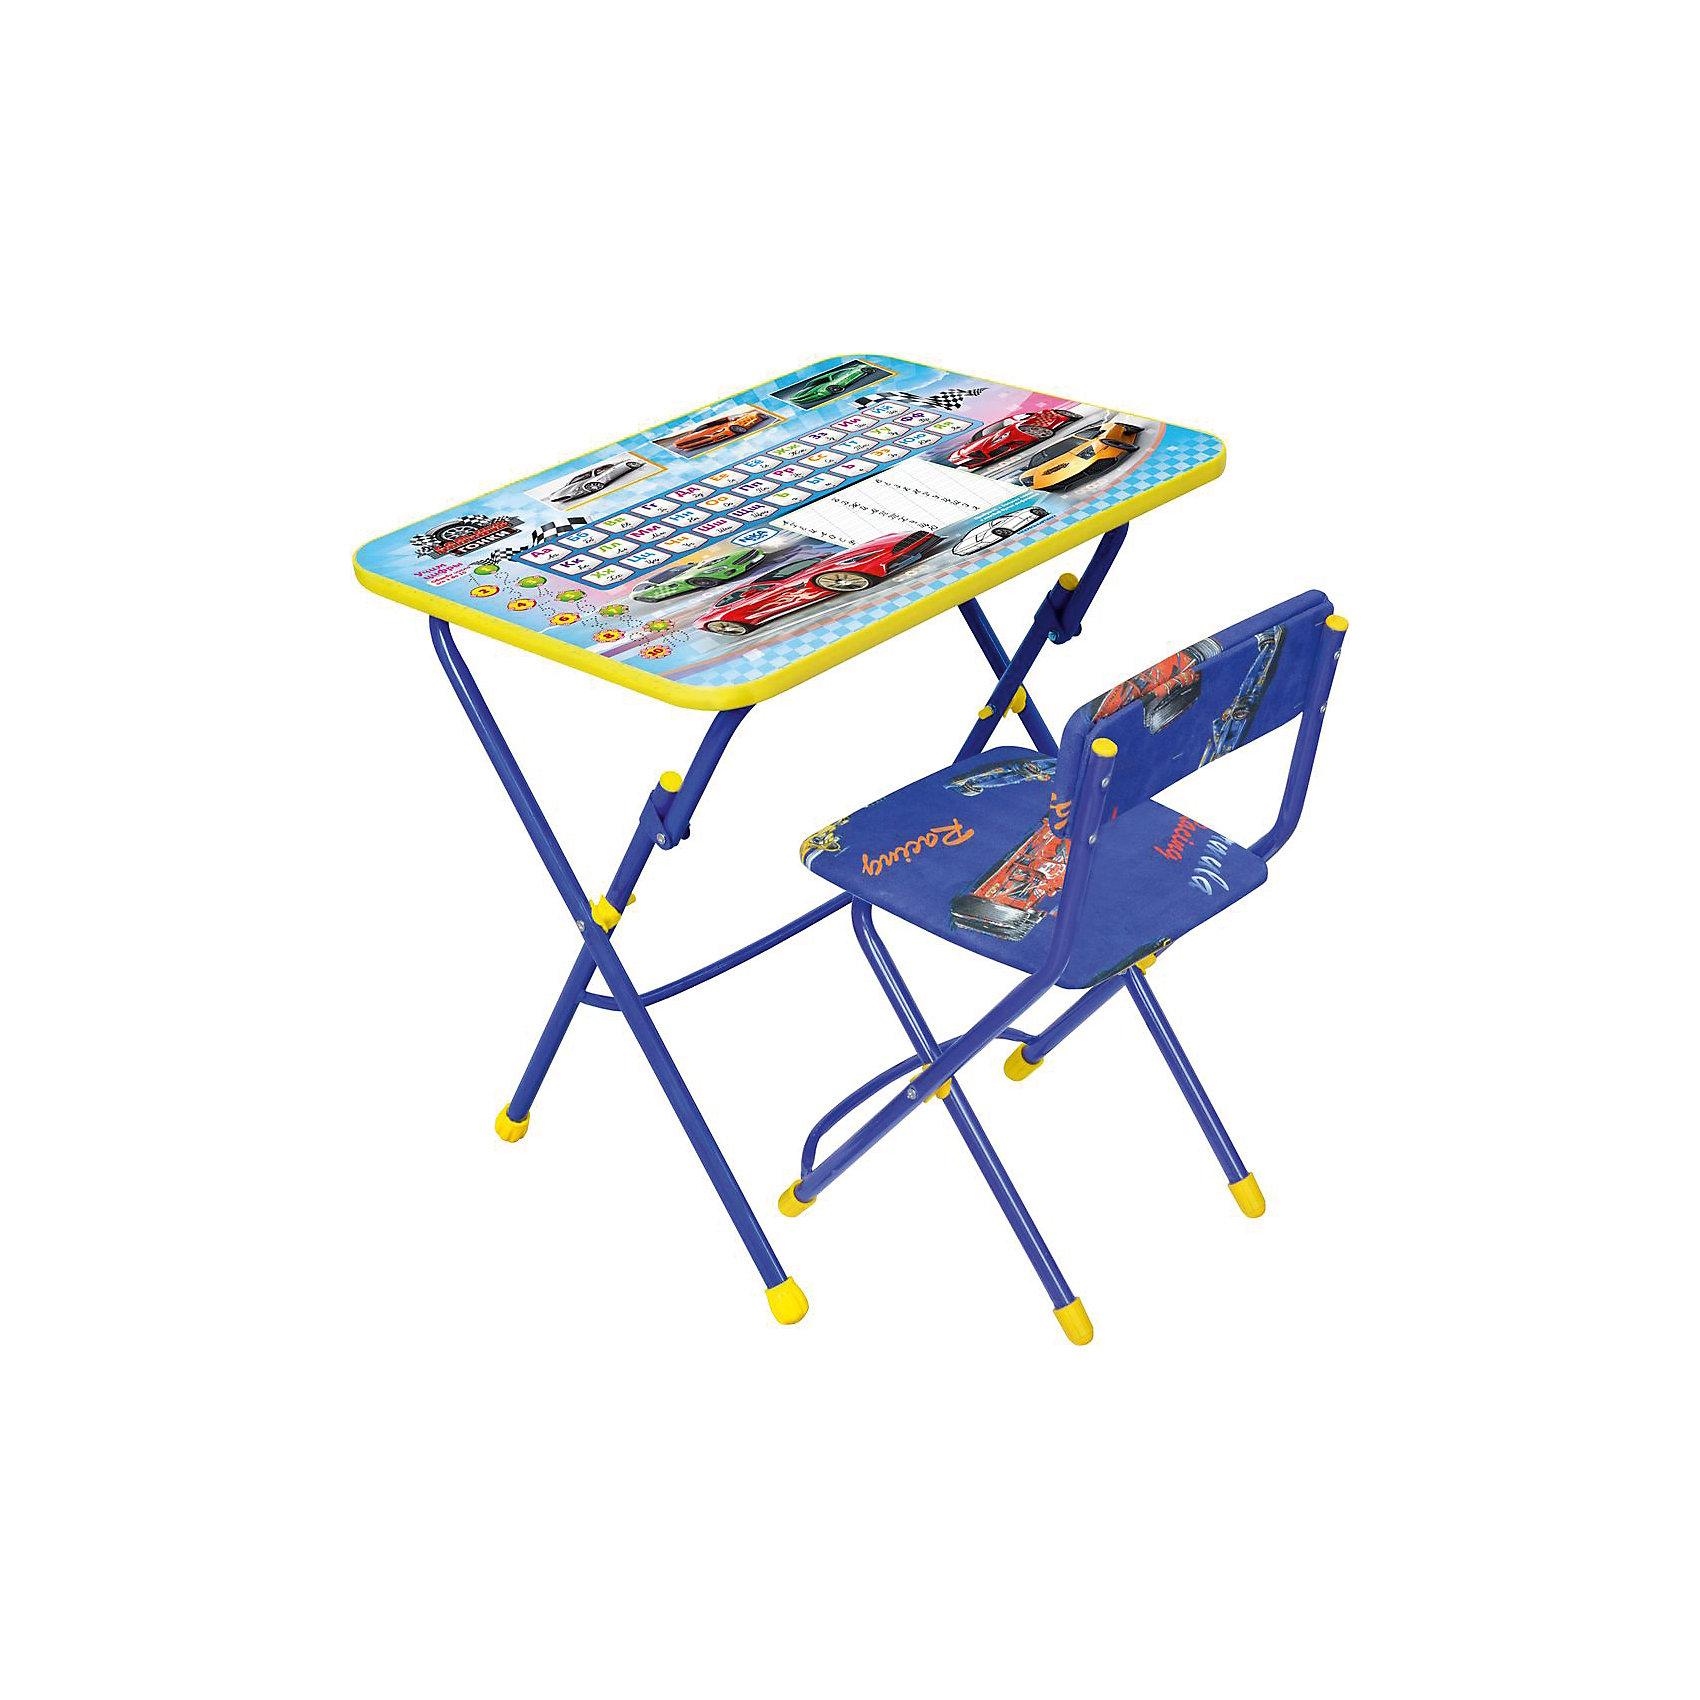 Набор мебели Никки КУ1/15 Большие гонки, НикаХарактеристики товара:<br><br>• материал: металл, пластик, текстиль<br>• размер столешницы: 60х45 см<br>• высота стола: 58 см<br>• сиденье: 31х27 см<br>• высота до сиденья: 32 см<br>• высота со спинкой 57 см<br>• подставка для ног<br>• стул с мягким сиденьем (флок)<br>• пенал<br>• складной<br>• на столешнице - полезные рисунки<br>• на ламинированной поверхности стола можно рисовать маркером на водной основе<br>• на ножках пластмассовые наконечники<br>• складной<br>• возраст: от 3 до 7 лет<br>• страна бренда: Российская Федерация<br>• страна производства: Российская Федерация<br><br>Детская мебель может быть удобной и эргономичной! Этот комплект разработан специально для детей от трех до семи лет. Он легко складывается и раскладывается, занимает немного места, легко моется. Каркас сделан из прочного, но легкого металла, а на ножках установлены пластмассовые наконечники для защиты напольного покрытия. Столешница украшена полезными познавательными рисунками. Отличное решение как для кормления малыша, так и для игр, творчества и обучения!<br>Правильно подобранная мебель помогает ребенку расти здоровым, формироваться правильной осанке. Изделие производится из качественных сертифицированных материалов, безопасных даже для самых маленьких.<br><br>Набор мебели Никки КУ1/15 Большие гонки от бренда Ника можно купить в нашем интернет-магазине.<br><br>Ширина мм: 750<br>Глубина мм: 155<br>Высота мм: 610<br>Вес г: 8080<br>Возраст от месяцев: 36<br>Возраст до месяцев: 84<br>Пол: Мужской<br>Возраст: Детский<br>SKU: 5223621